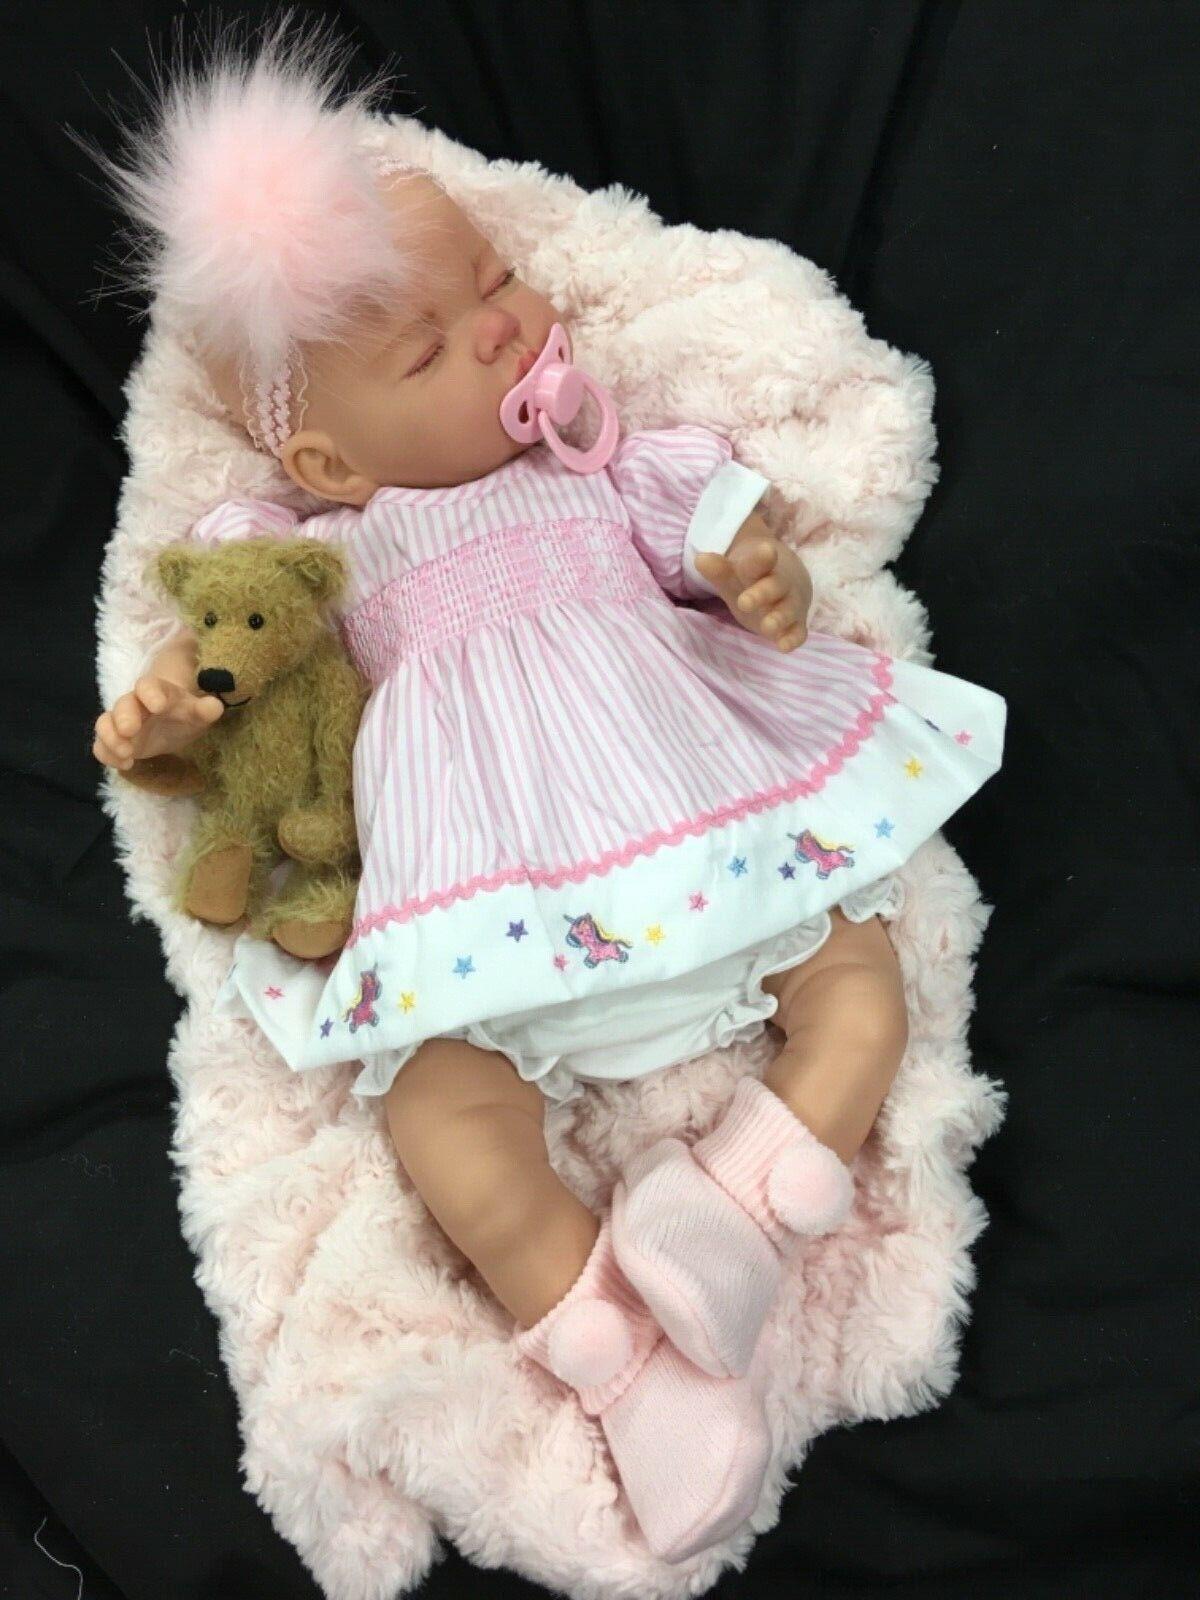 Splendido neonato RINATO BABY GIRL spagnolo con unicorno ABITO P M